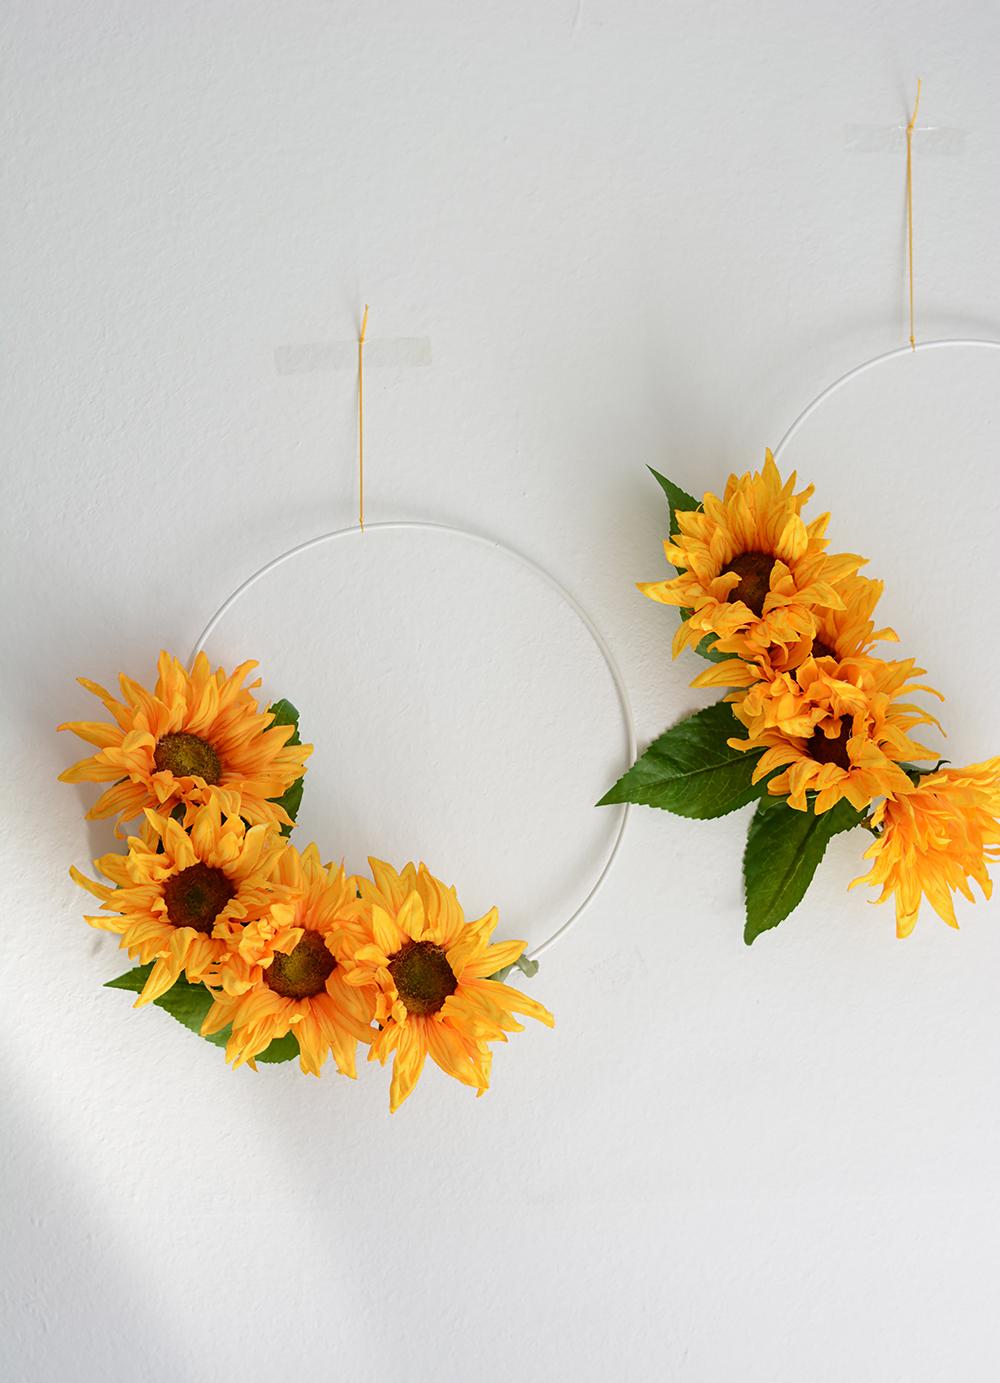 Blumenkranz aus Sonnenblumen: DIY | we love handmade